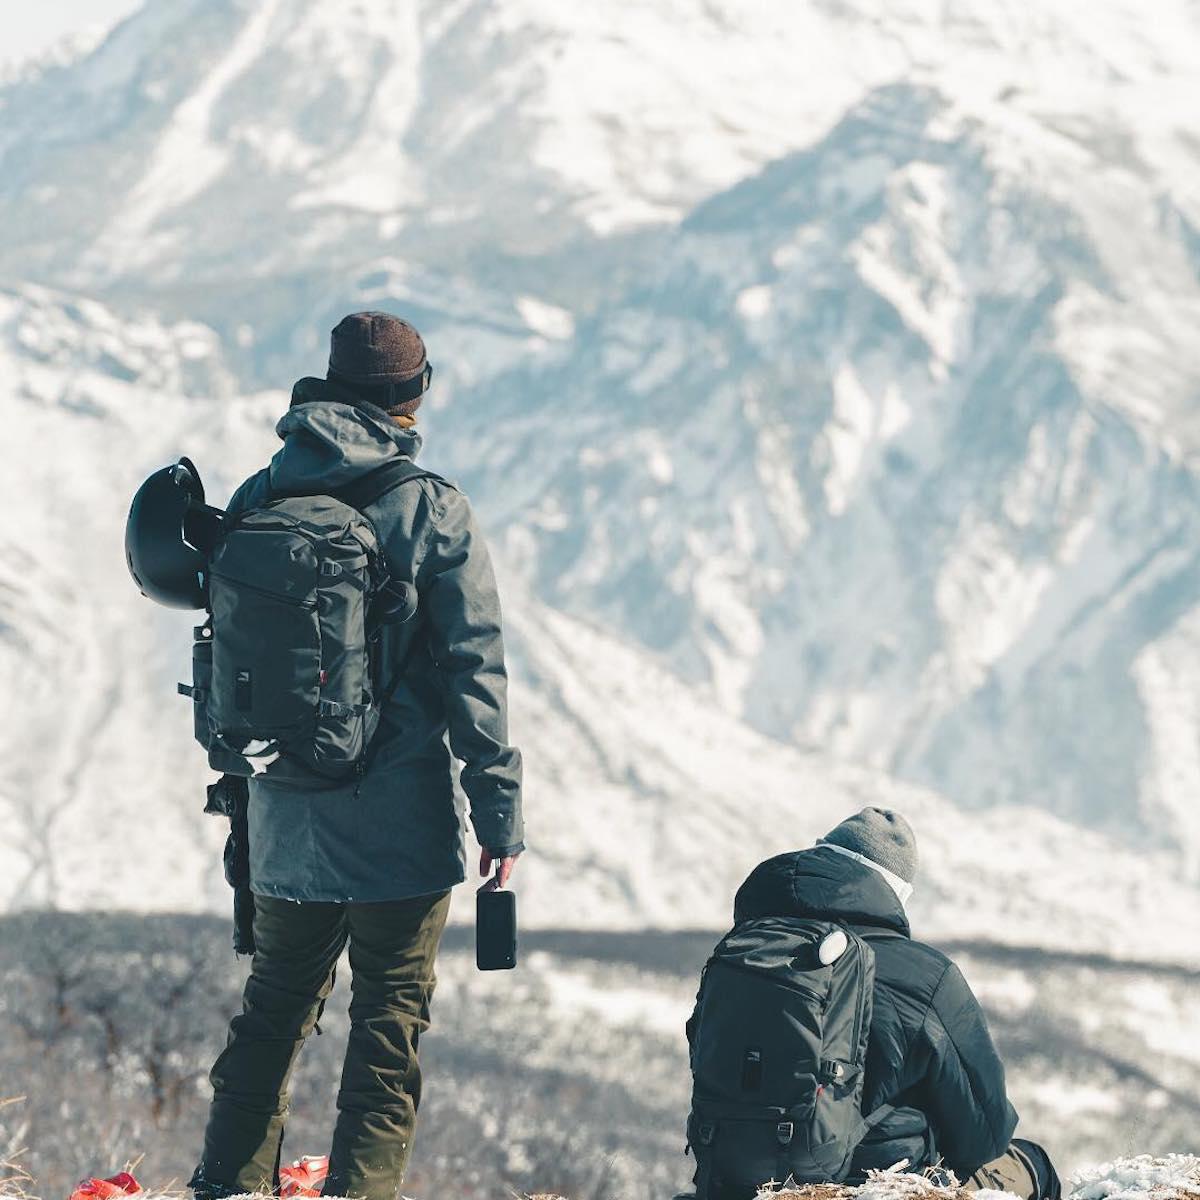 ウィンタースポーツの決定的瞬間を捉えたいとき、記念撮影をたくさん撮りたい海外旅行時に重宝する、断熱プレート「THERMOLINE™」を備えたスマホケース・カバー|LANDER MOAB CASE(ランダー)